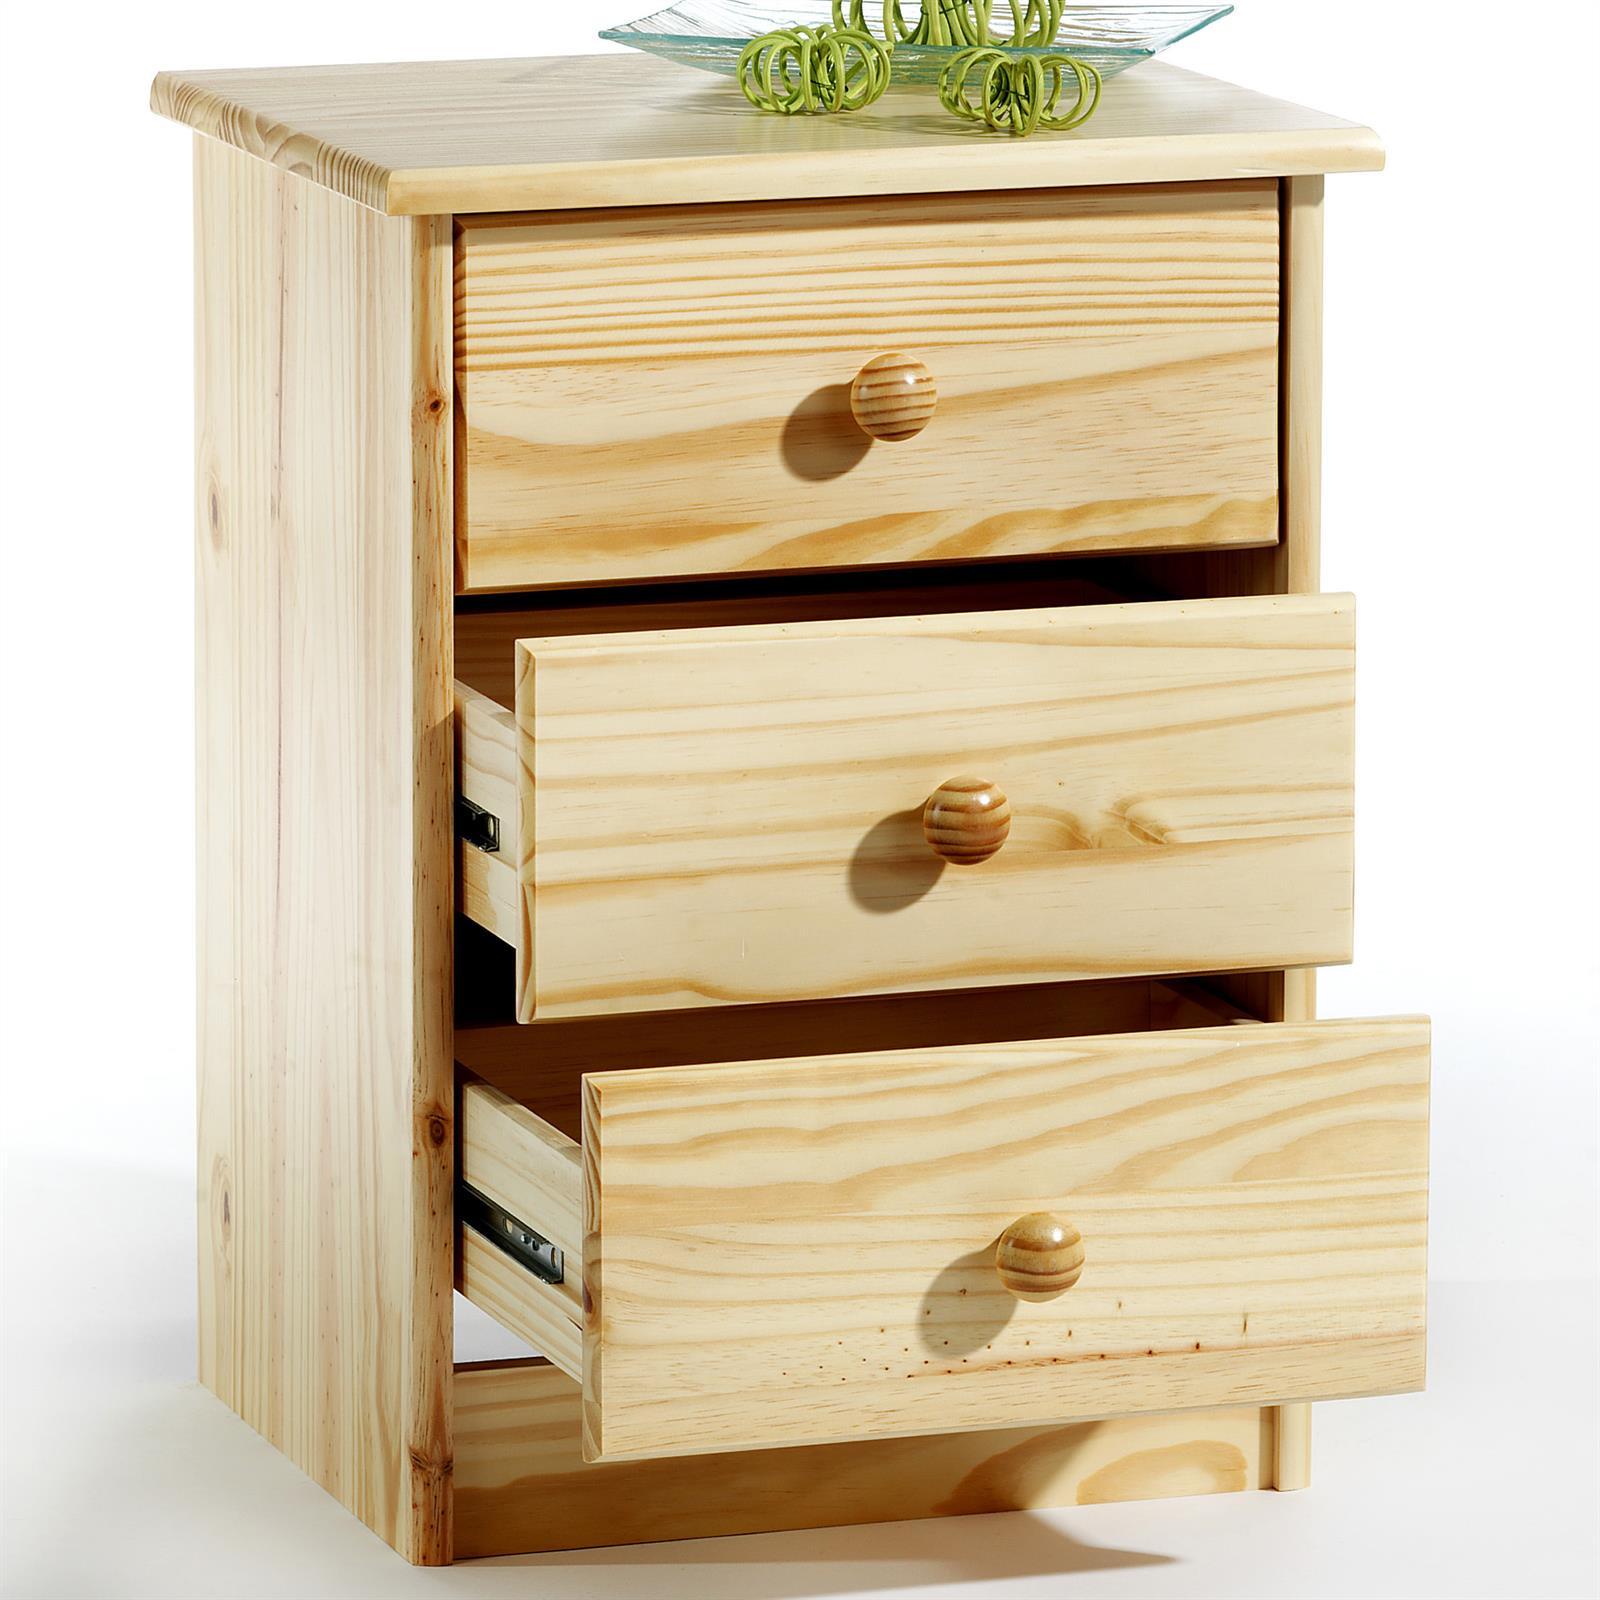 Table de chevet en pin rondo vernis naturel mobil meubles - Table de chevet en pin massif ...